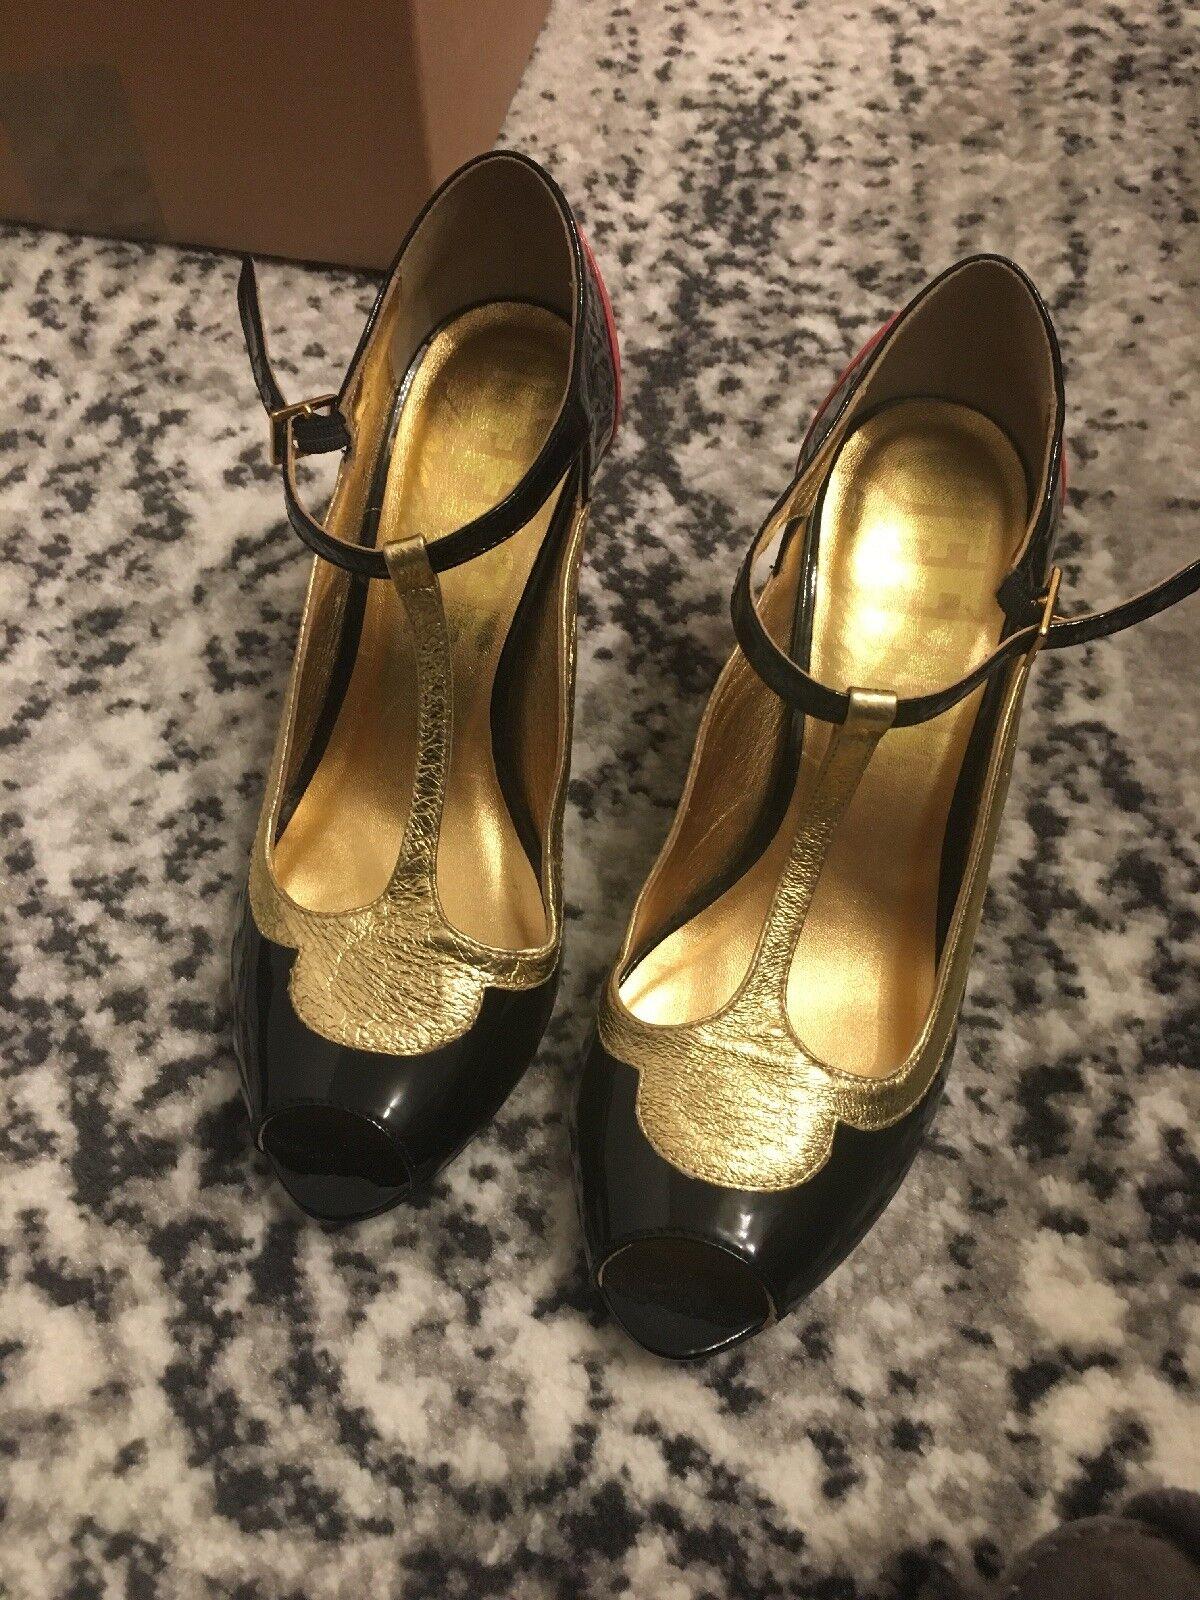 OFFICE LONDON Multi Chaussures Cuir Taille UK 5. en ex état porté une fois